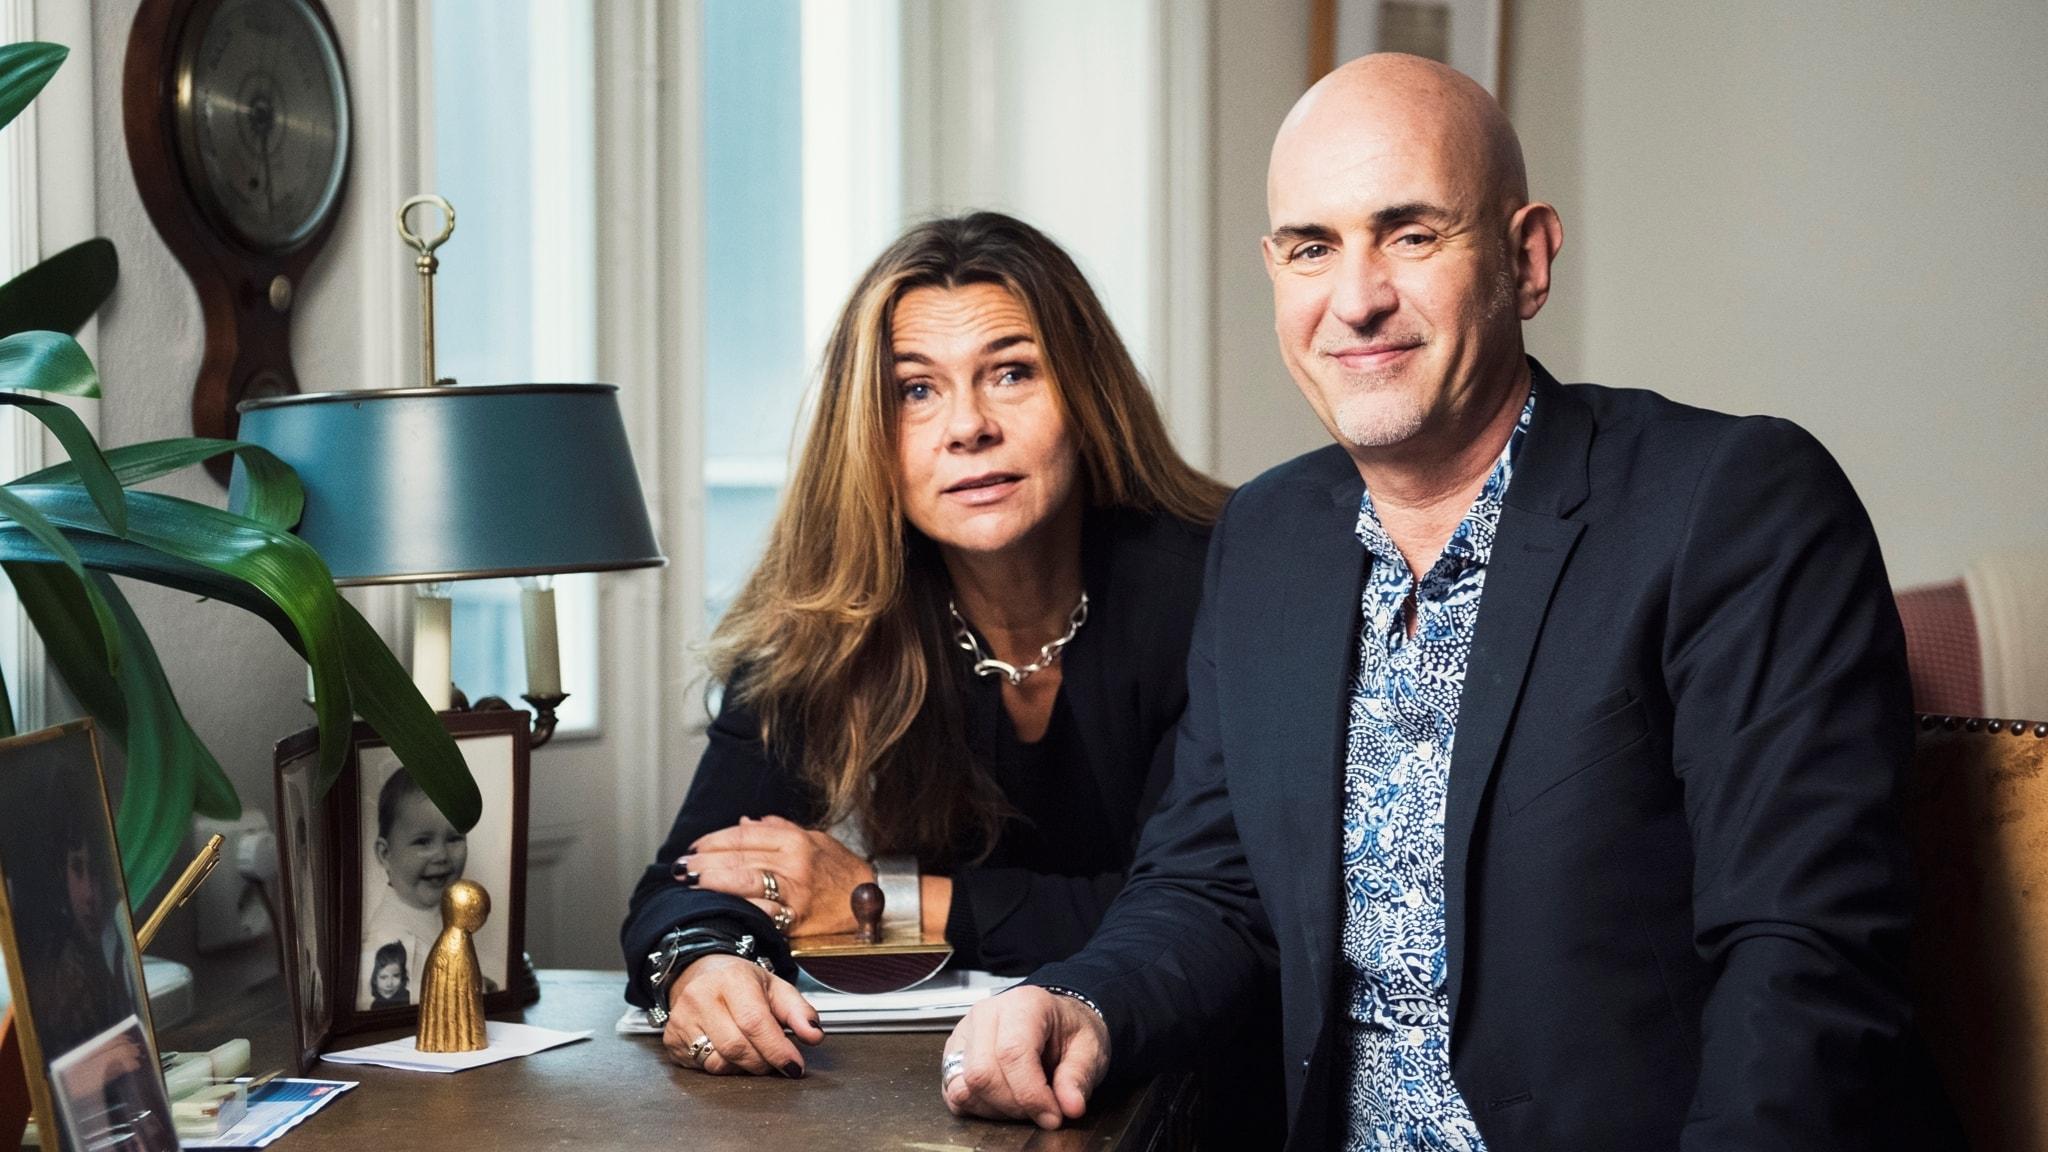 Katarina Hahr möter företagaren och festfixaren Micael Bindefeld i ett samtal om kärlek